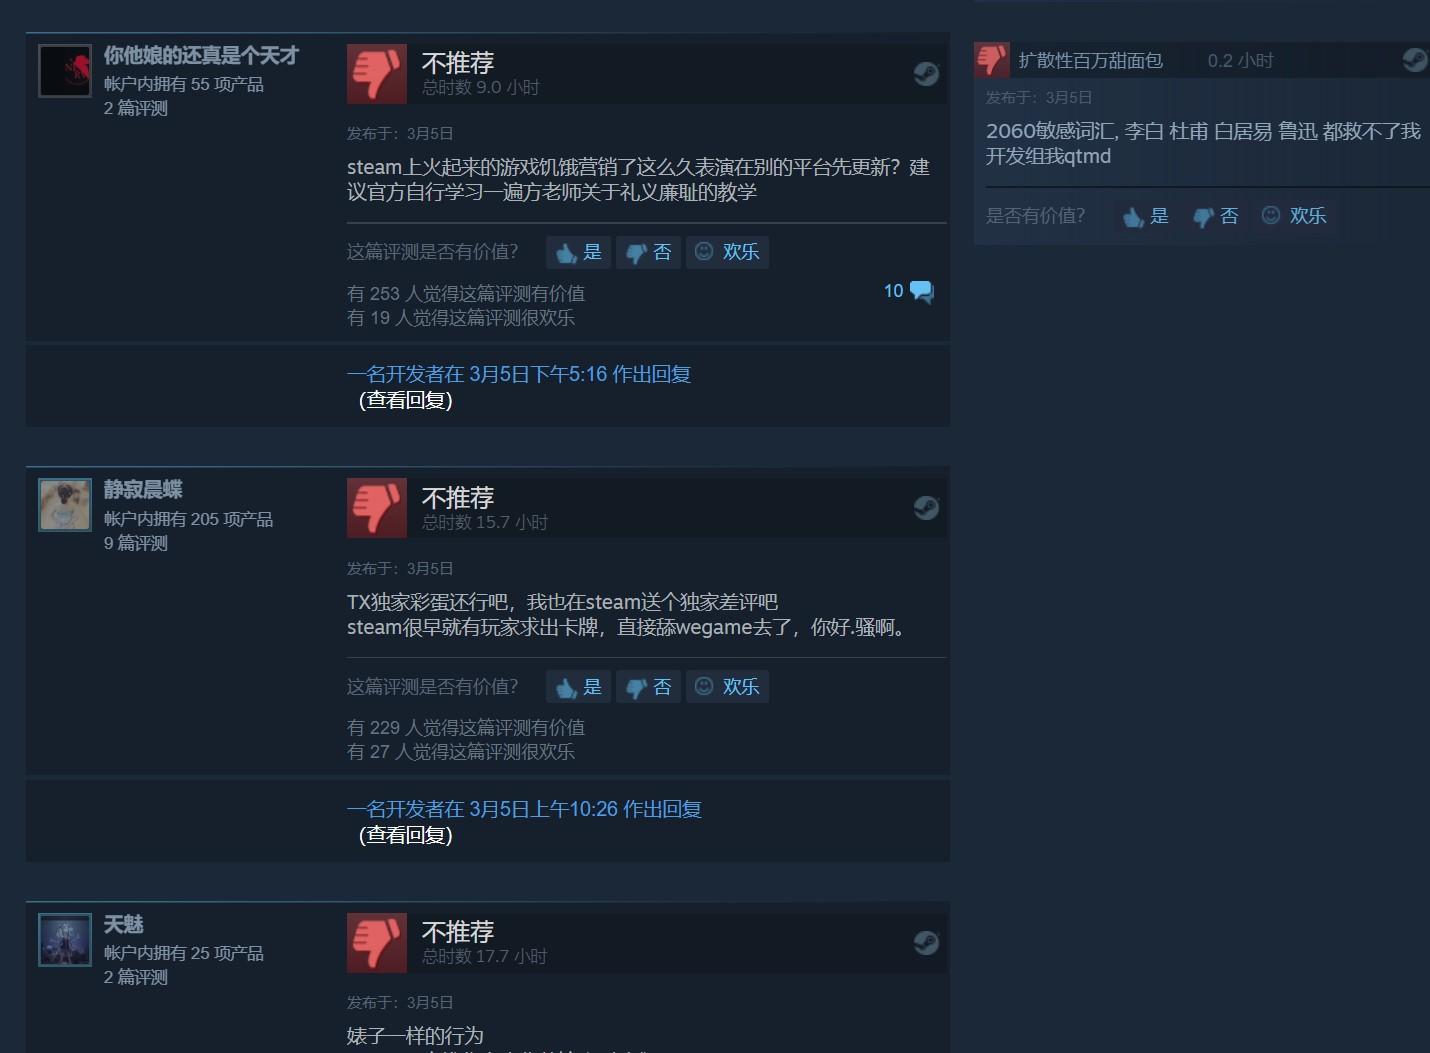 《隐形守护者》Steam出现大量差评 老玩家不满比WeGame版晚上线